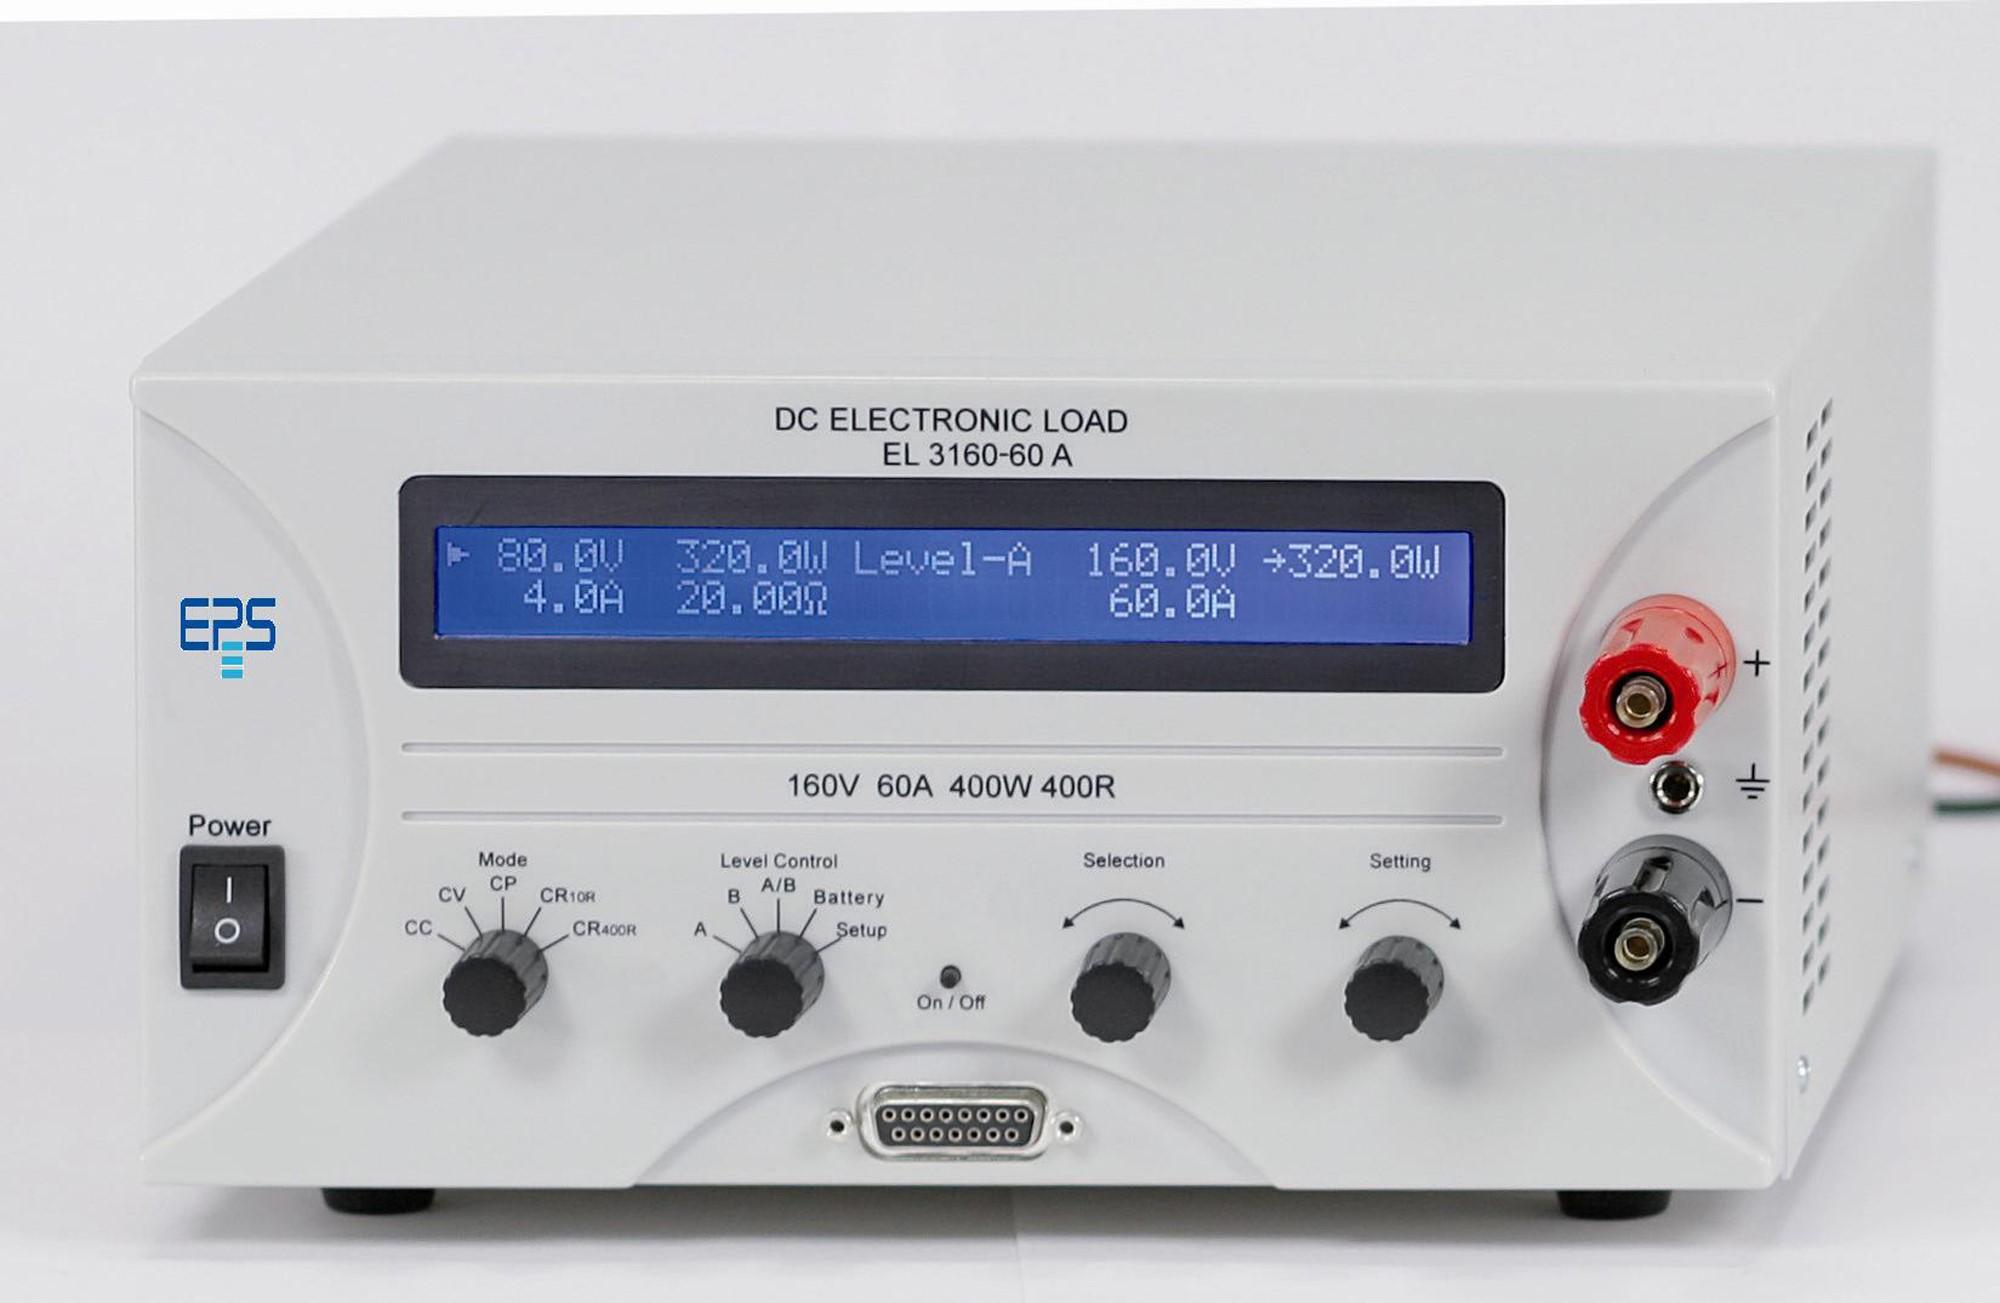 EPS/EL 9160-300 WC Elektronische Last 7,2kW